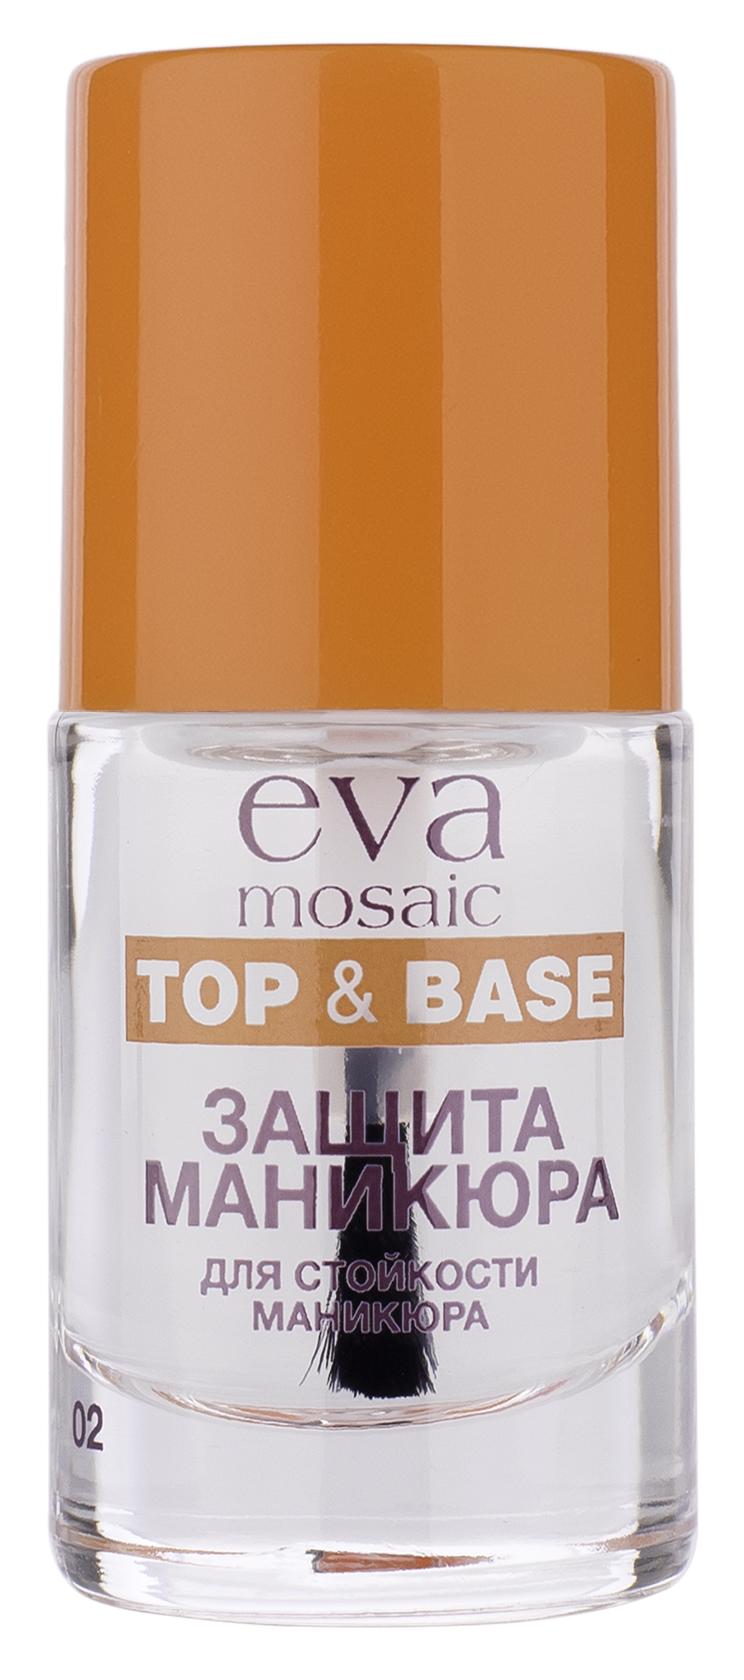 Закрепитель лака для ногтей Eva Mosaic Защита маникюра, 10 мл